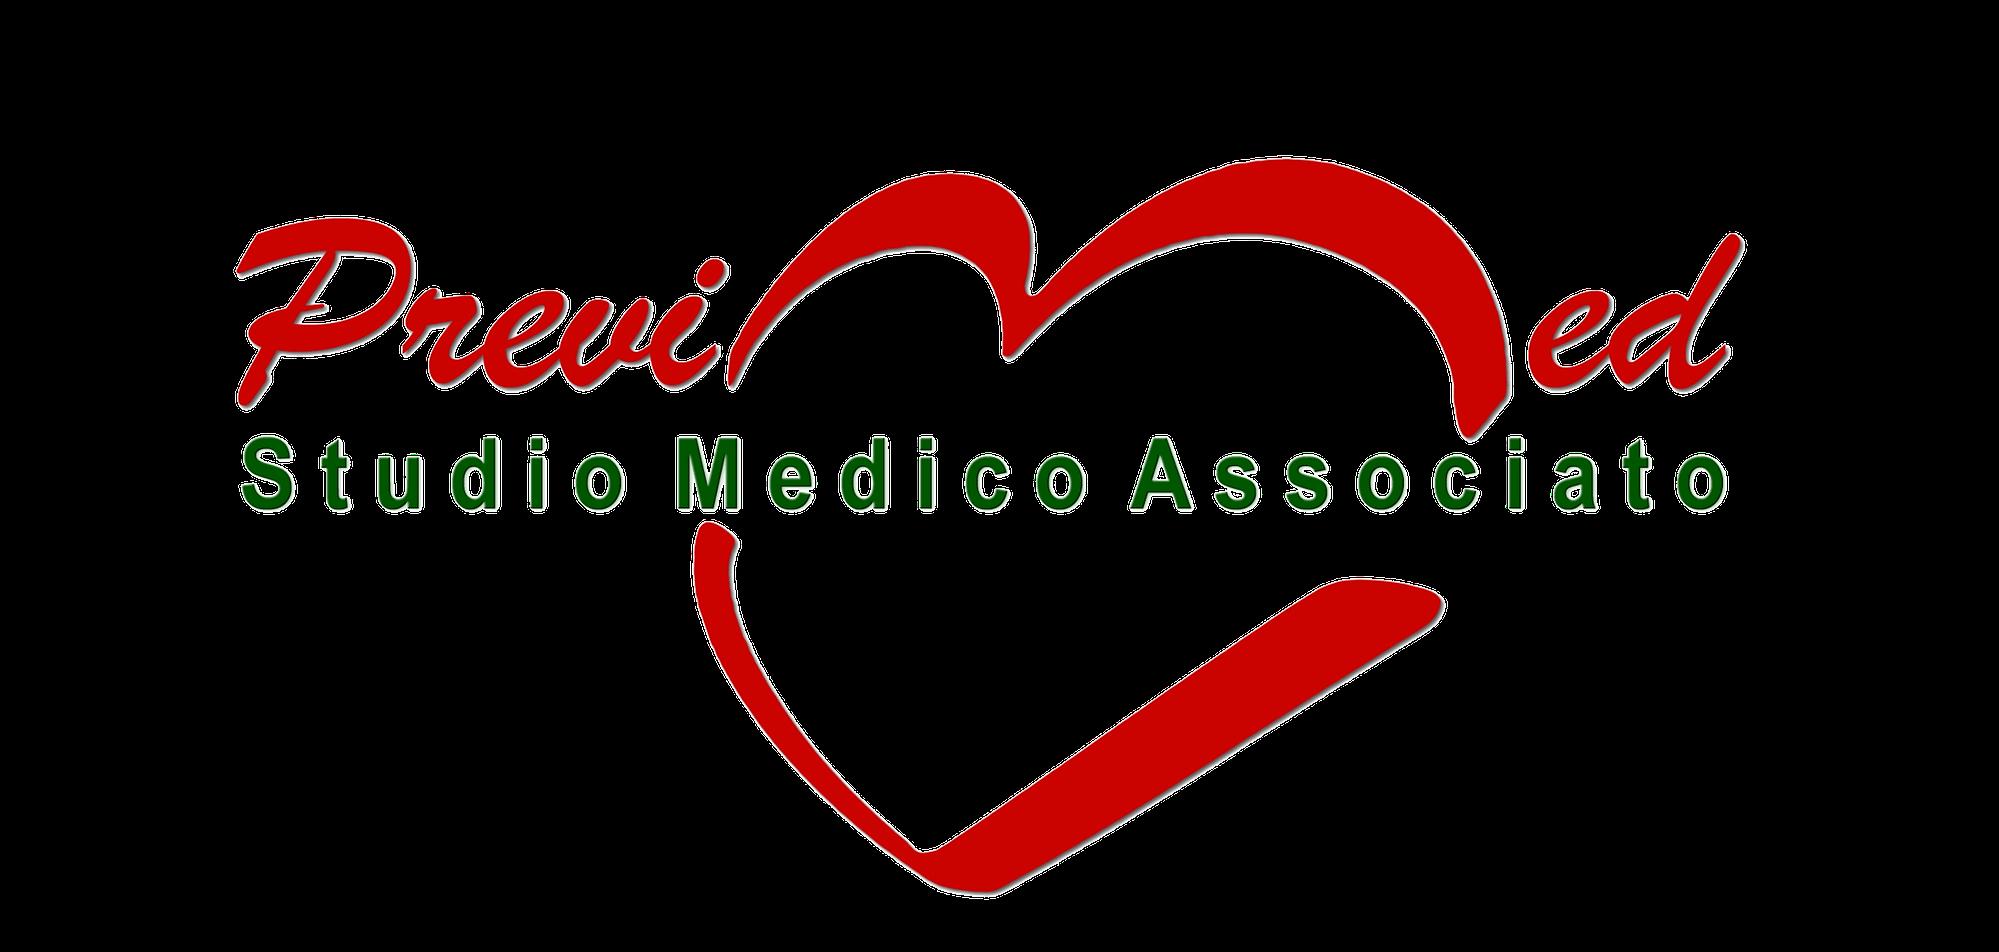 Previmed Studio Medico Associato